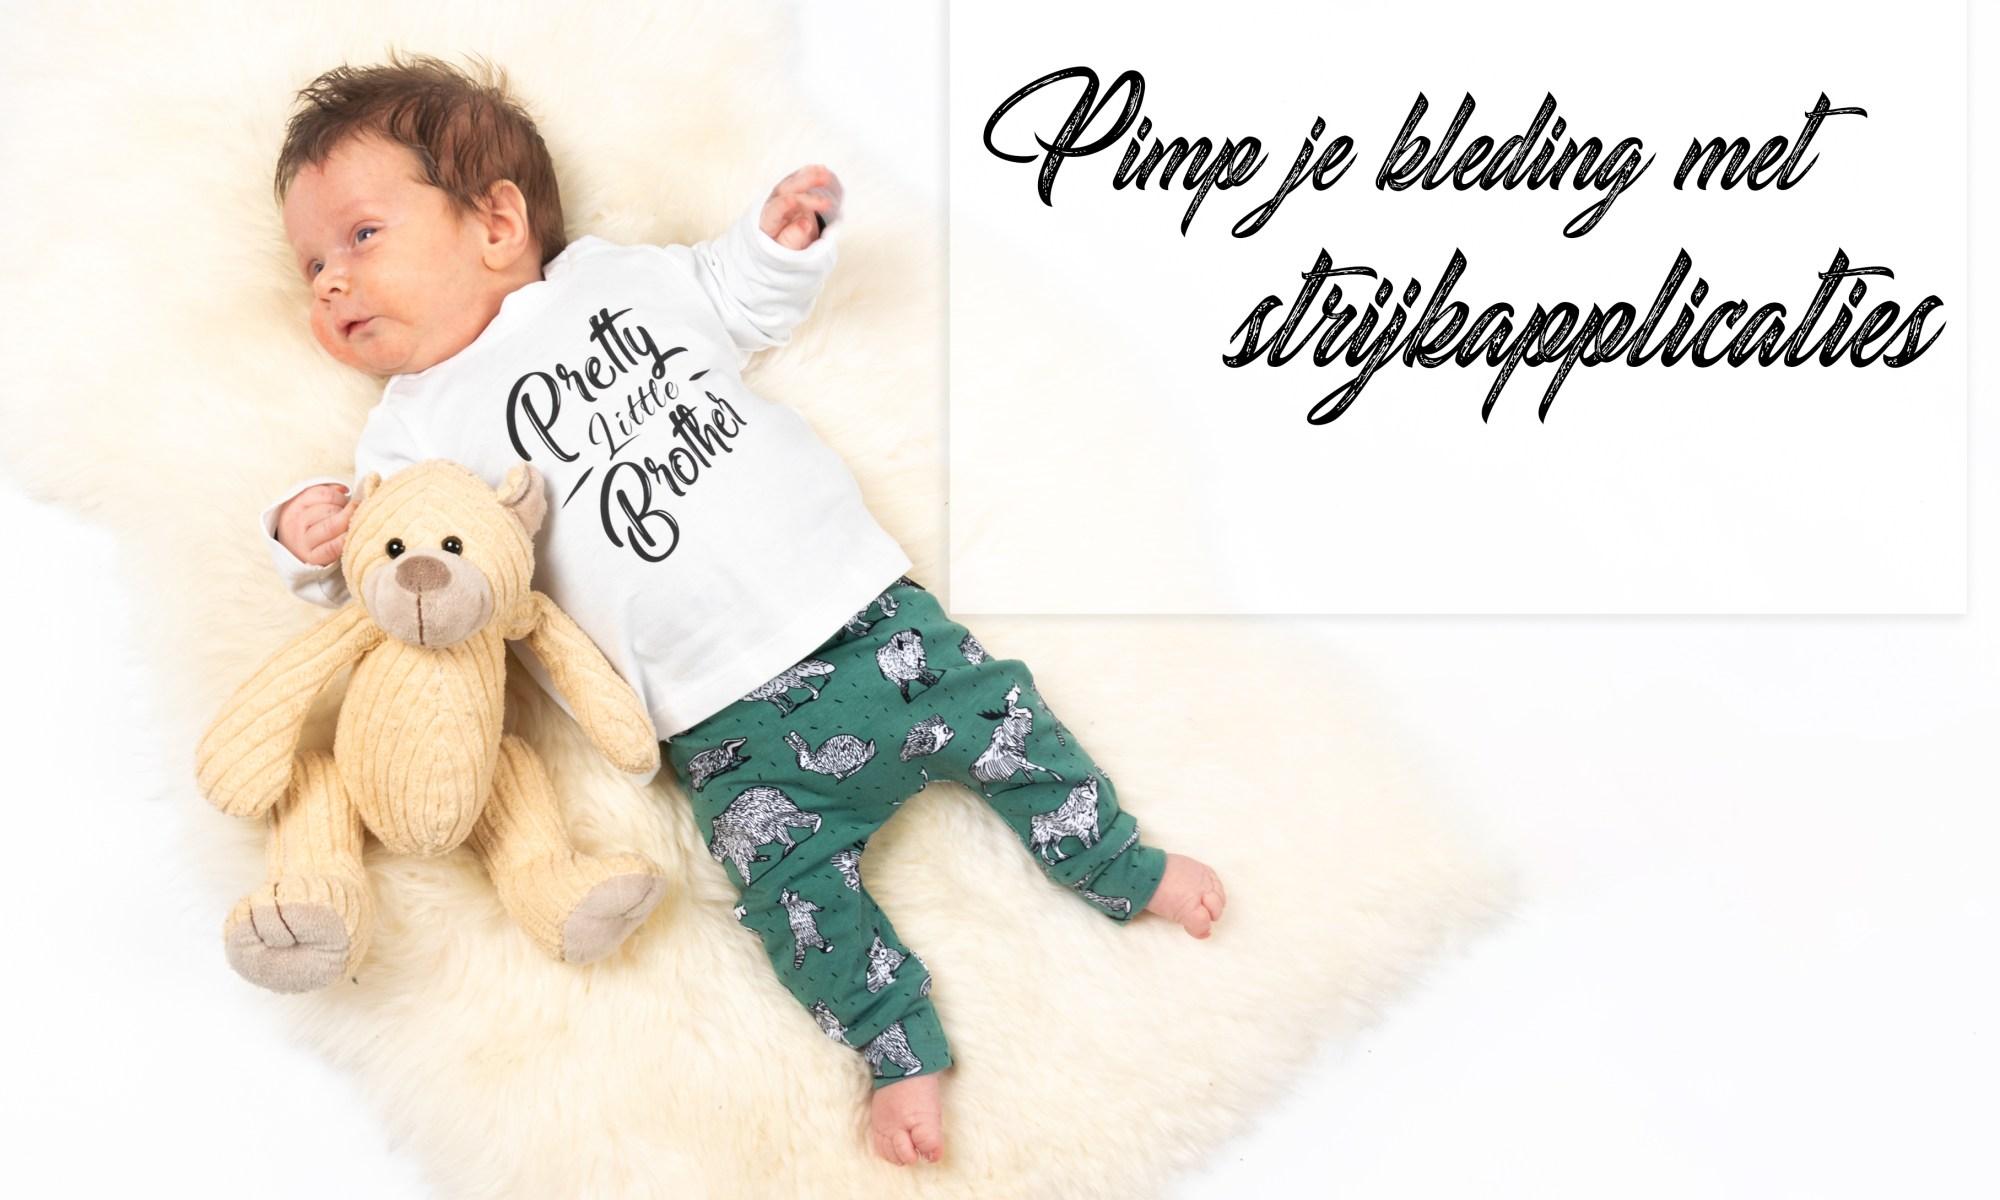 Pimp je eigen kleding met strijkapplicaties blog review mama blog soph's baby en kids baby newborn shoplog www.liefkleinwonder.nl verjaardag sweater 3 jaar